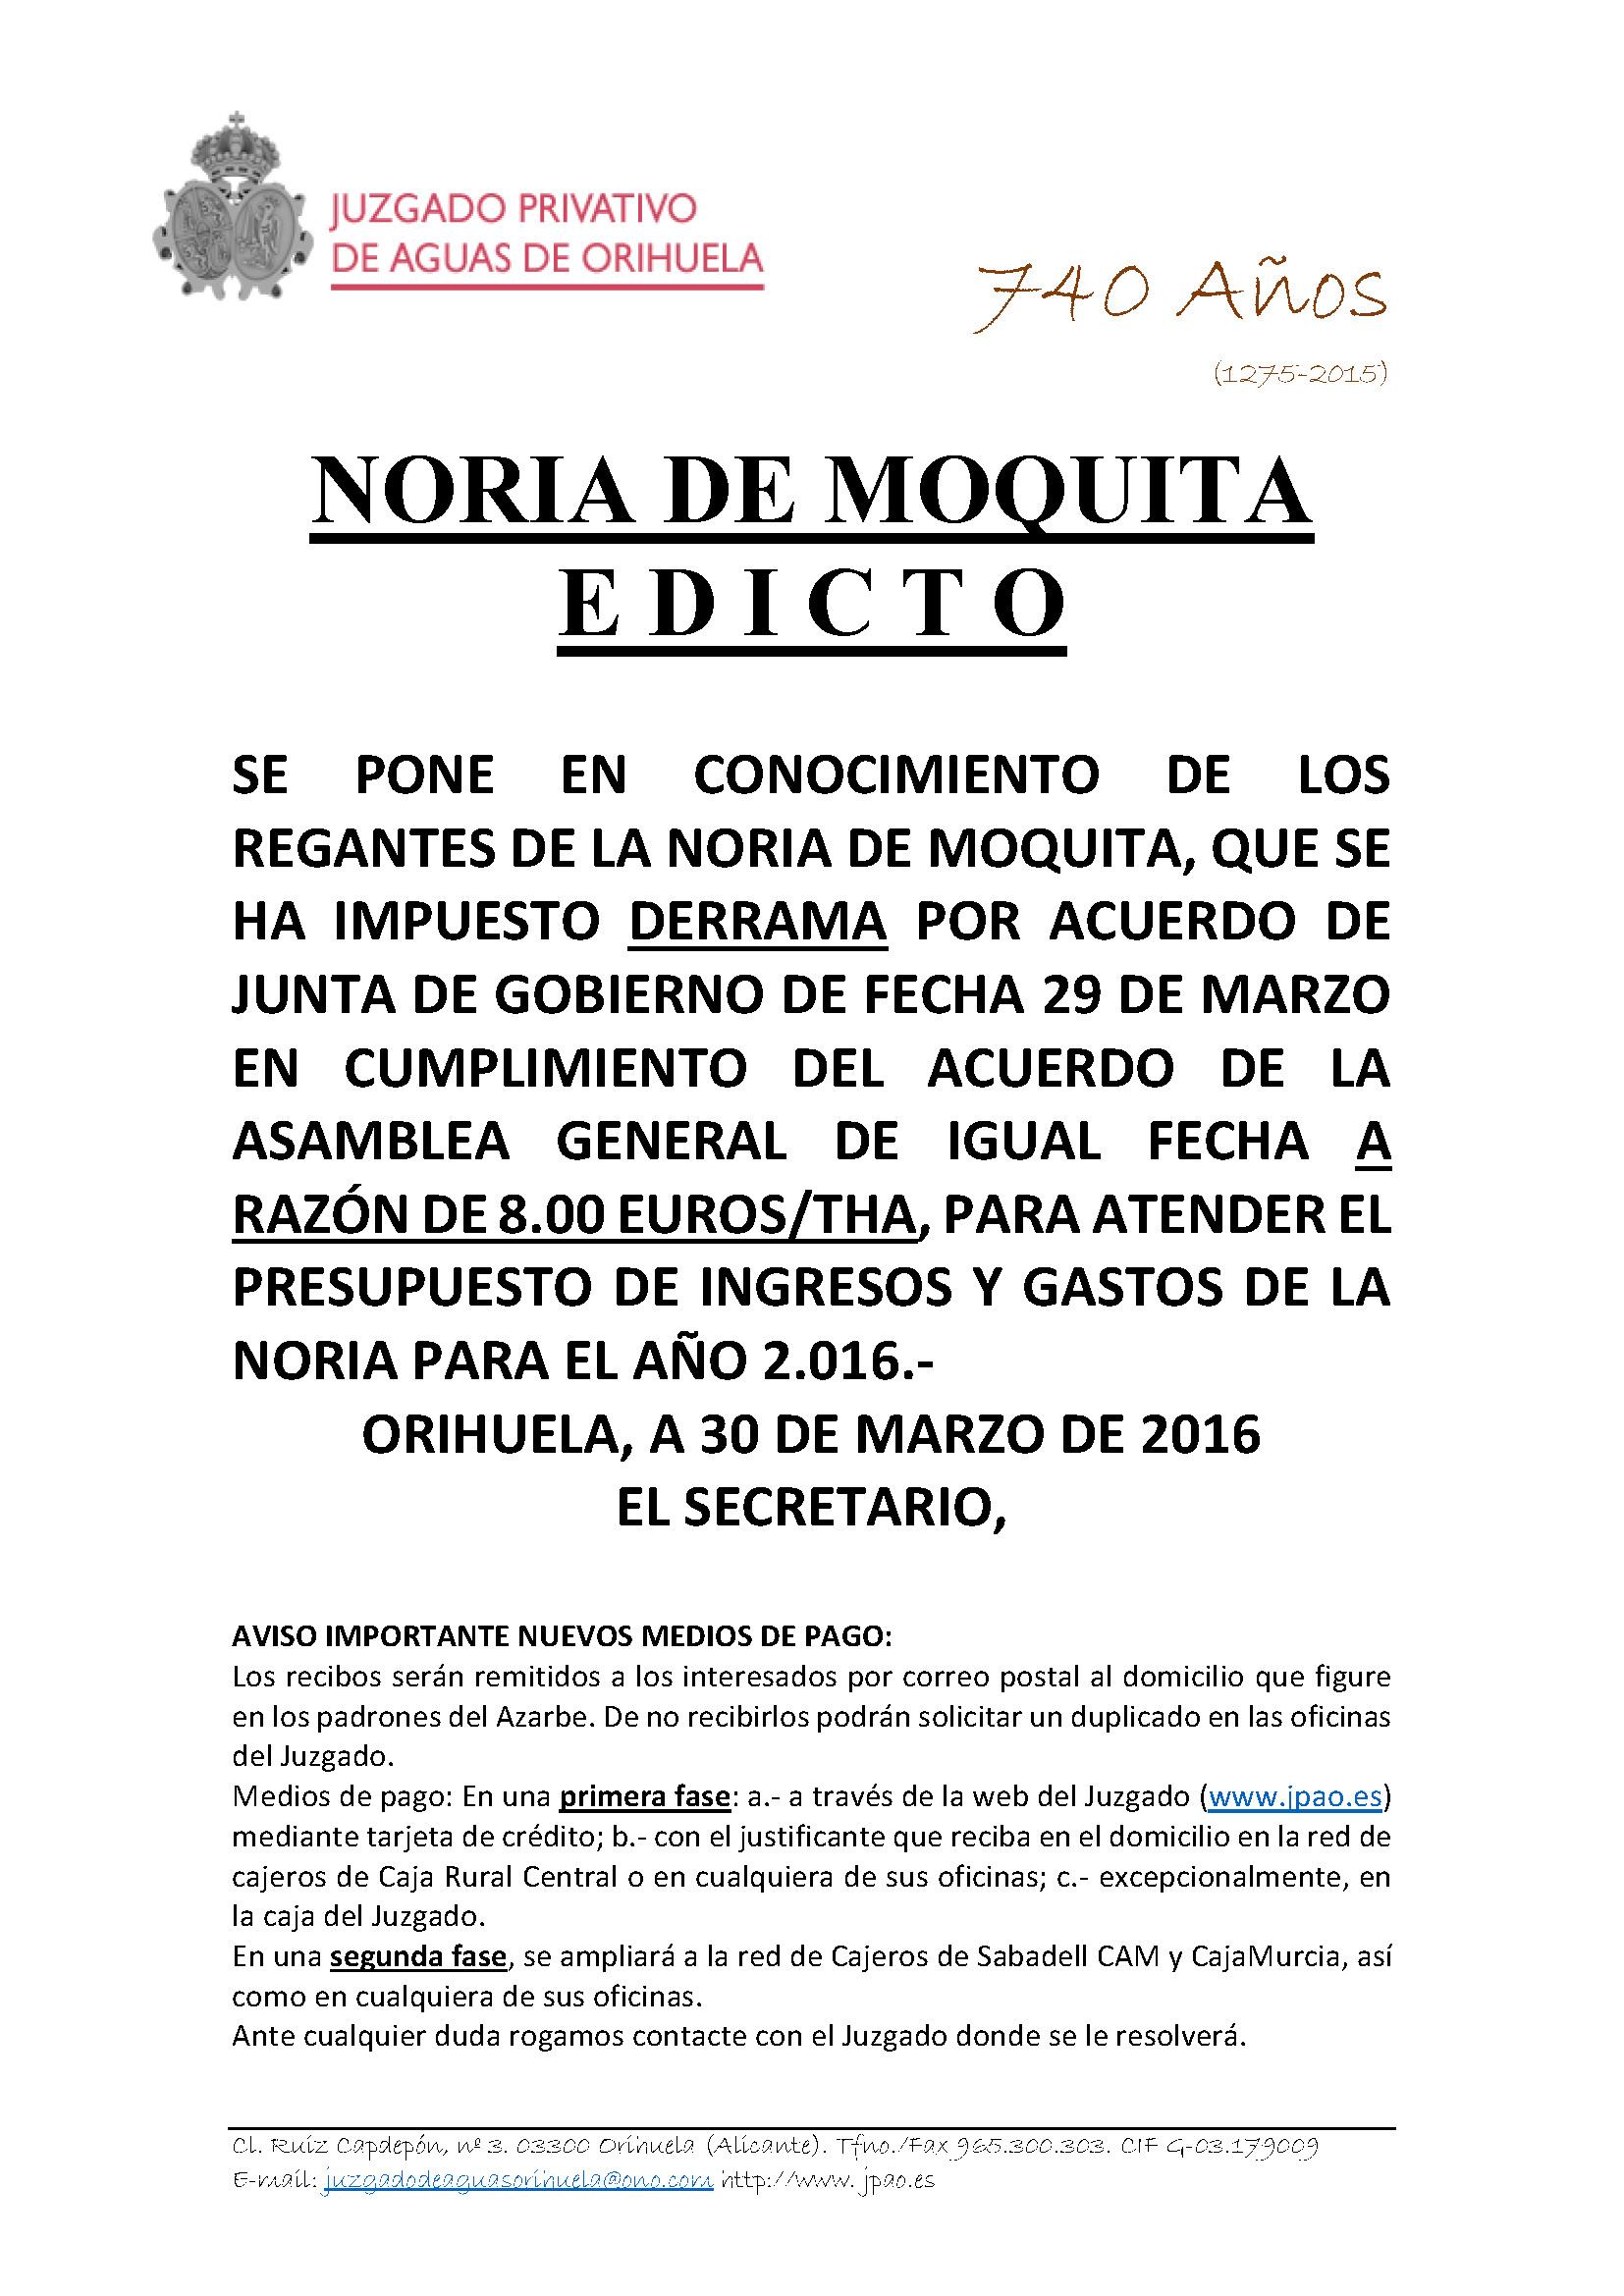 46 2016 NORIA DE MOQUITA. EDICTO IMPOSICION DERRAMA 2016